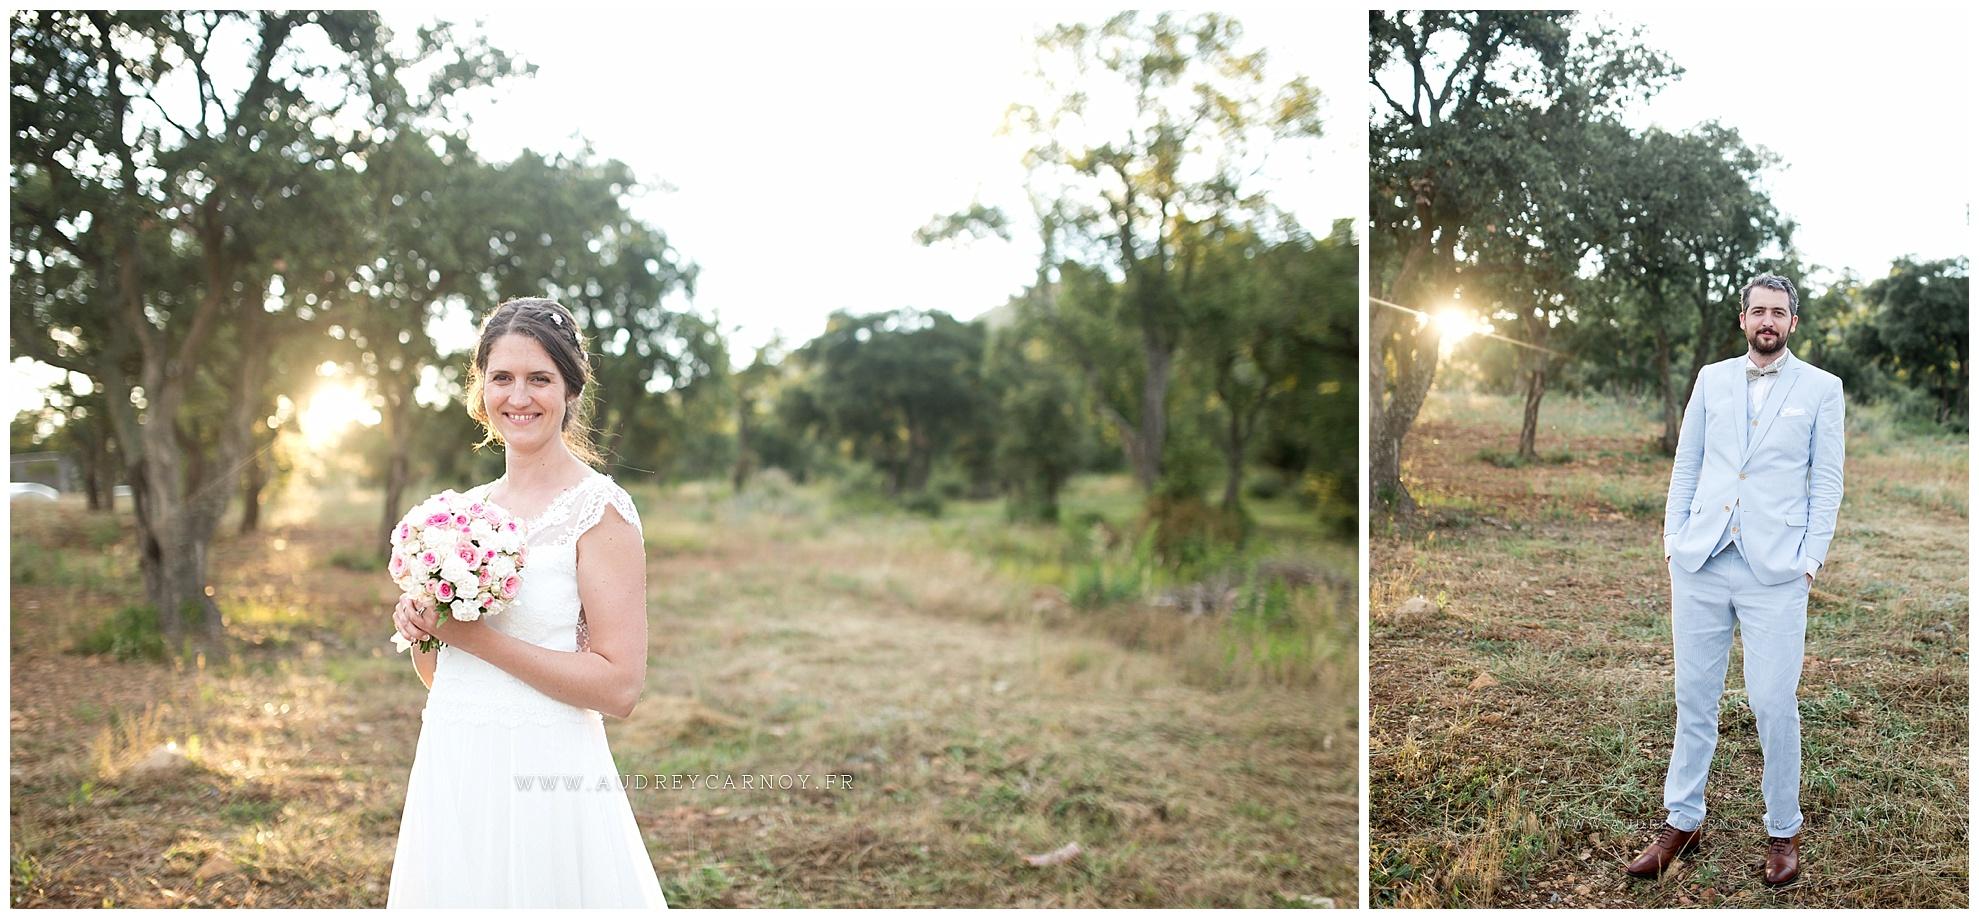 Mariage au domaine de la Bouverie - Roquebrunes sur Argens | Sophie & Nicolas 53